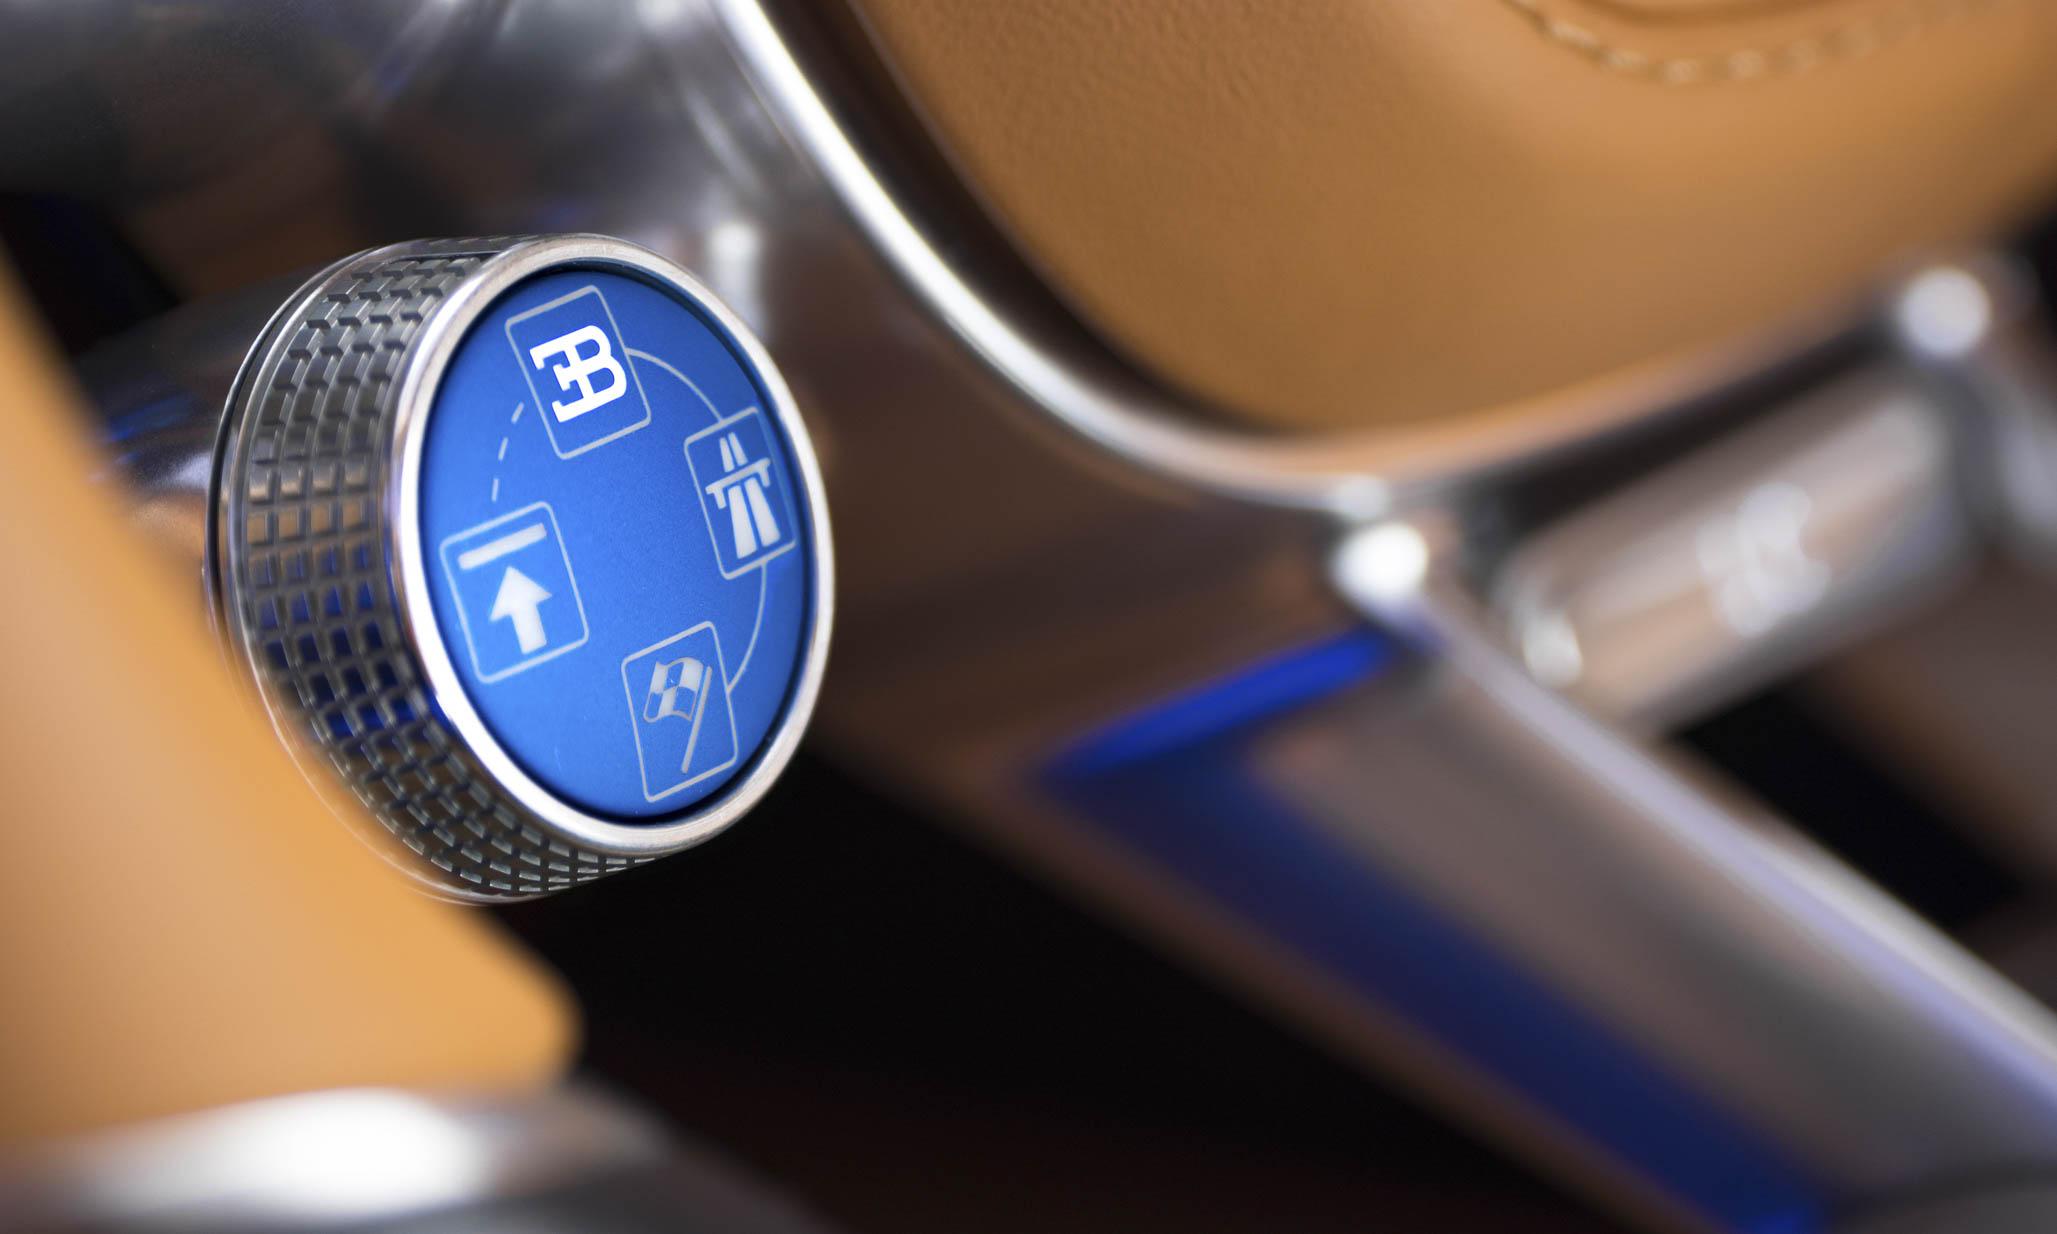 © Bugatti Automobiles S.A.S.